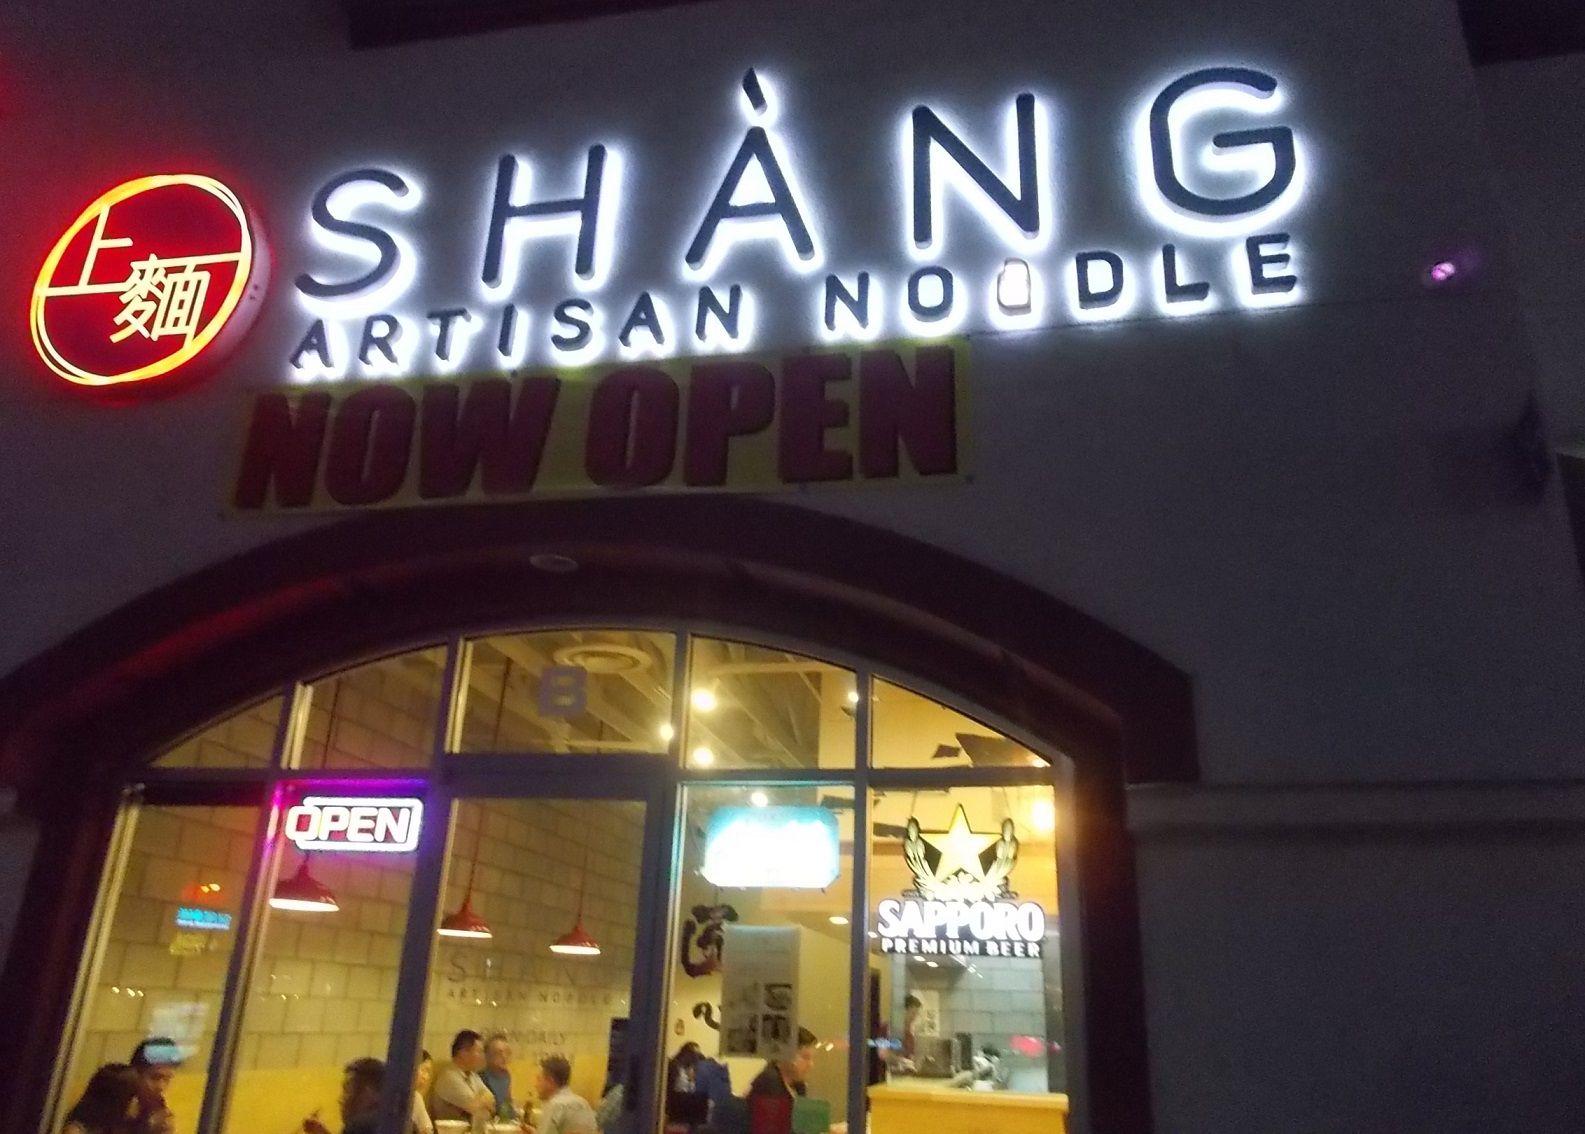 Las vegas 太目の刀削麺「SHANG ARTISAN NOODLE」2019年 4月 25